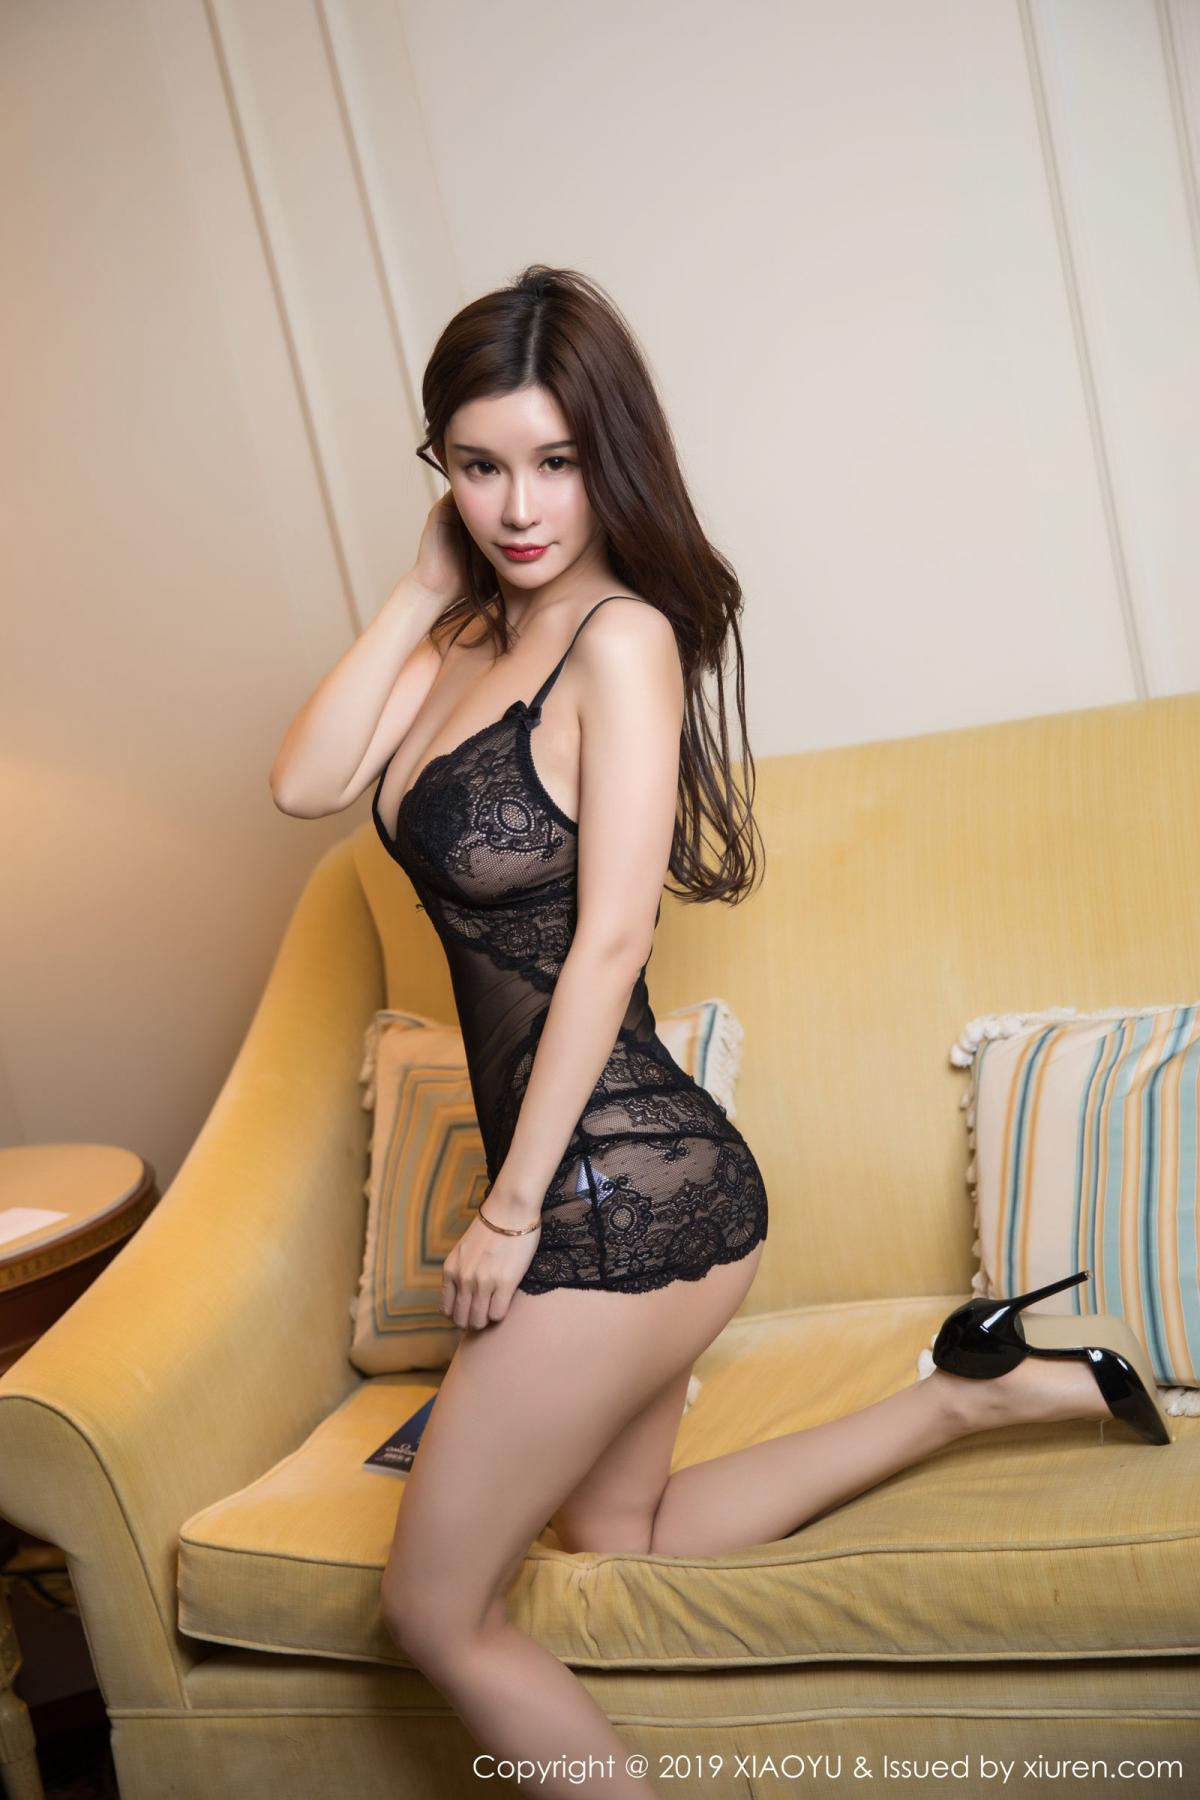 [XiaoYu] Vol.003 Chun Xiao Xi 6P, Adult, Chun Xiao Xi, XiaoYu